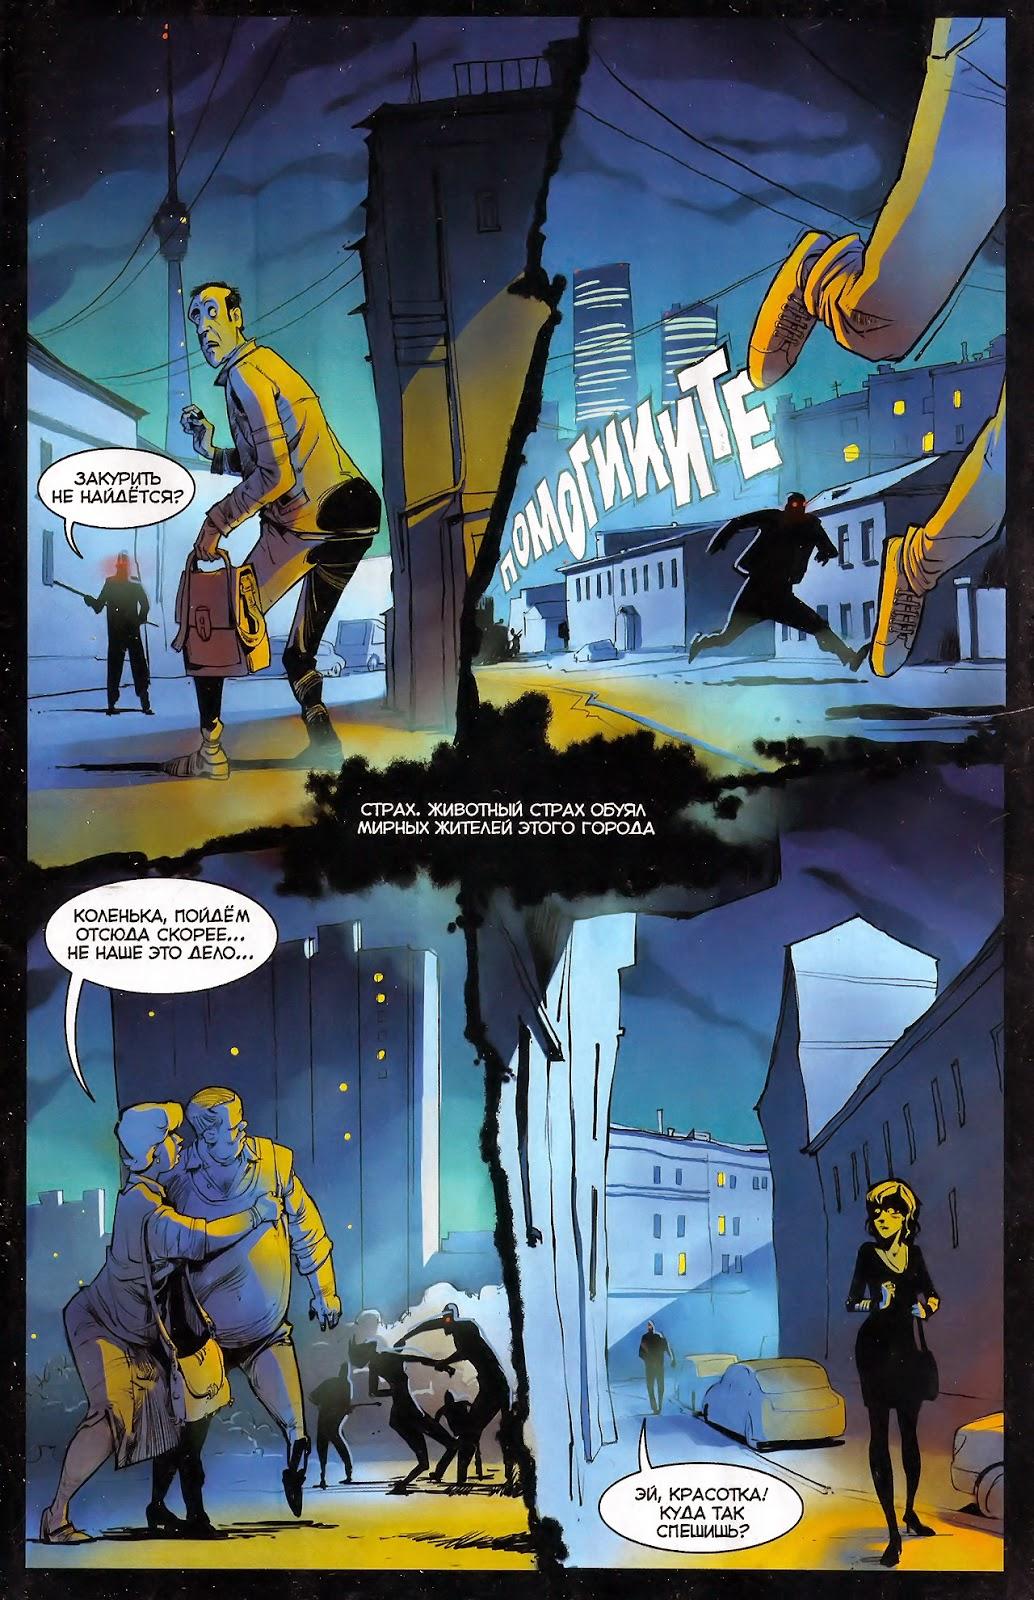 Рисованные порно комиксы журнала андрей бесплатно 13 фотография